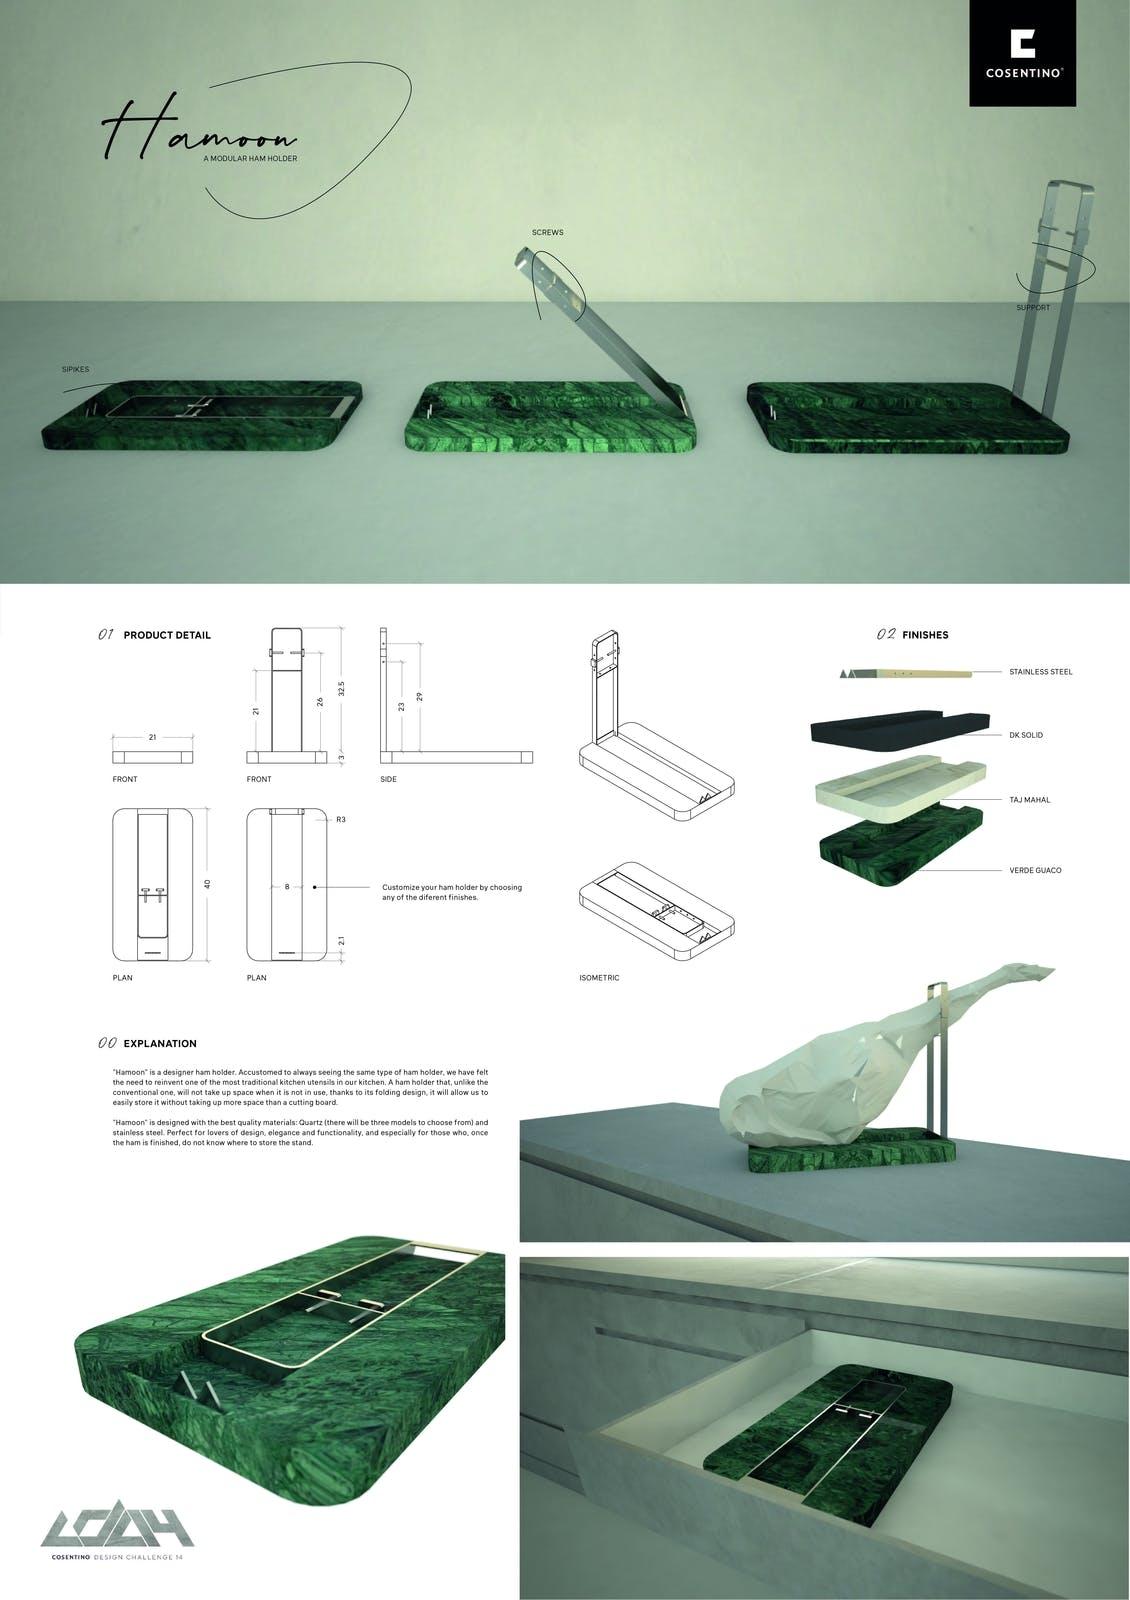 Image of 053 Hamoon s in Cosentino Design Challenge 14 winners - Cosentino